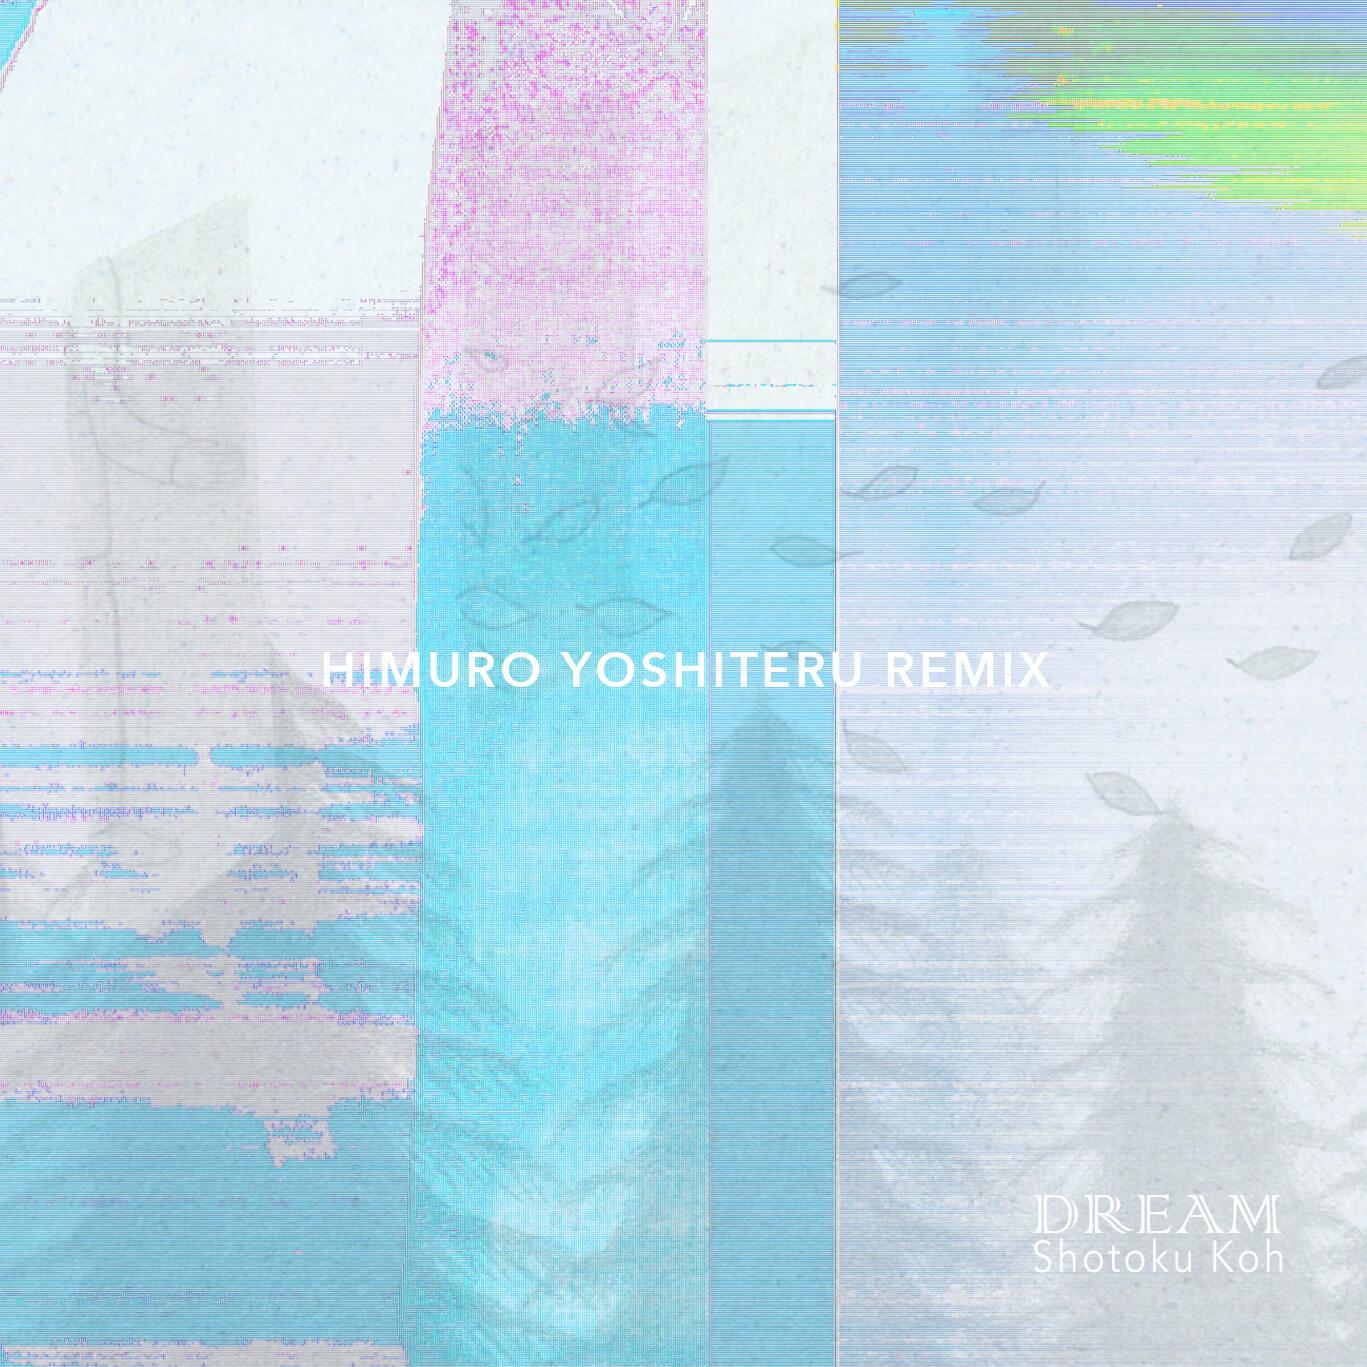 DREAM - HIMURO YOSHITERU REMIX